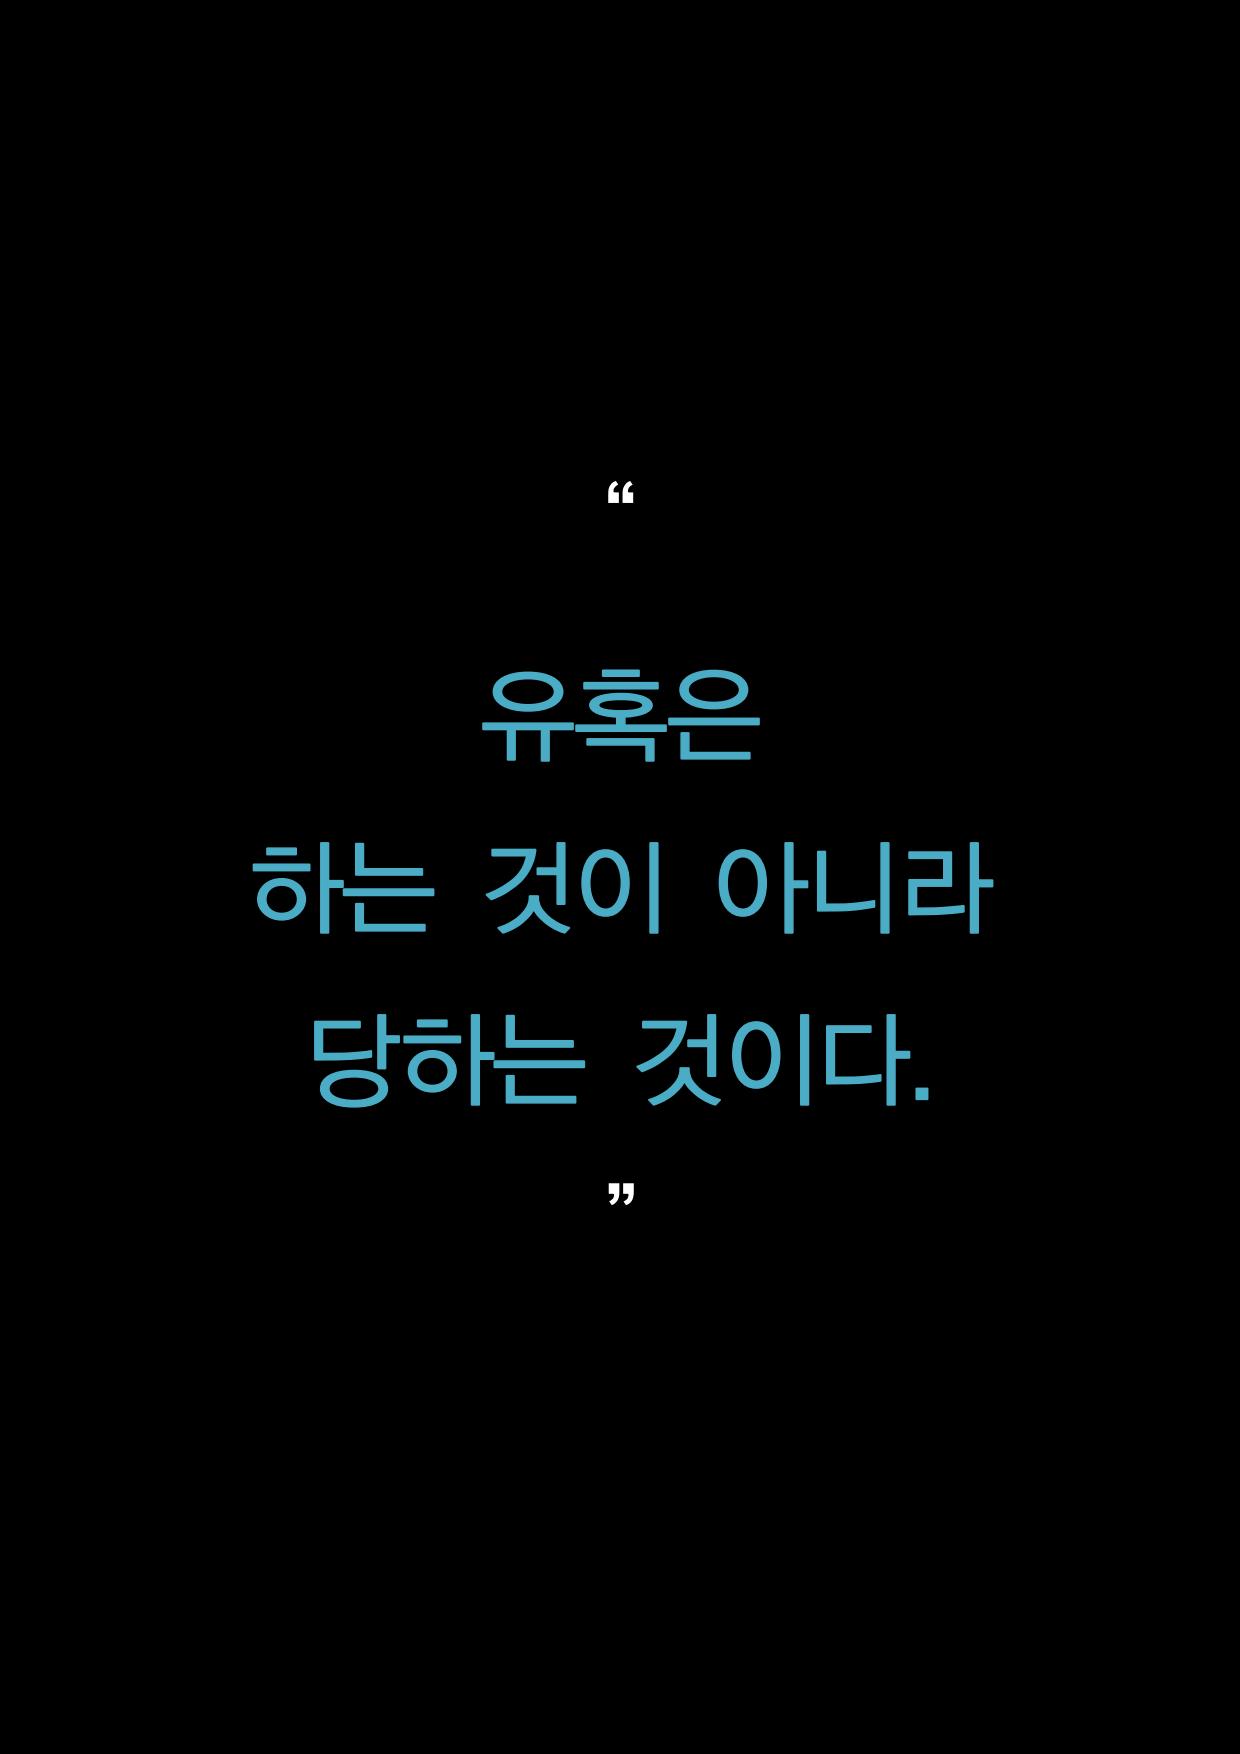 본 머티리어 1회차 홍보글 v3(수강후기 따로 편집요함)_48.png